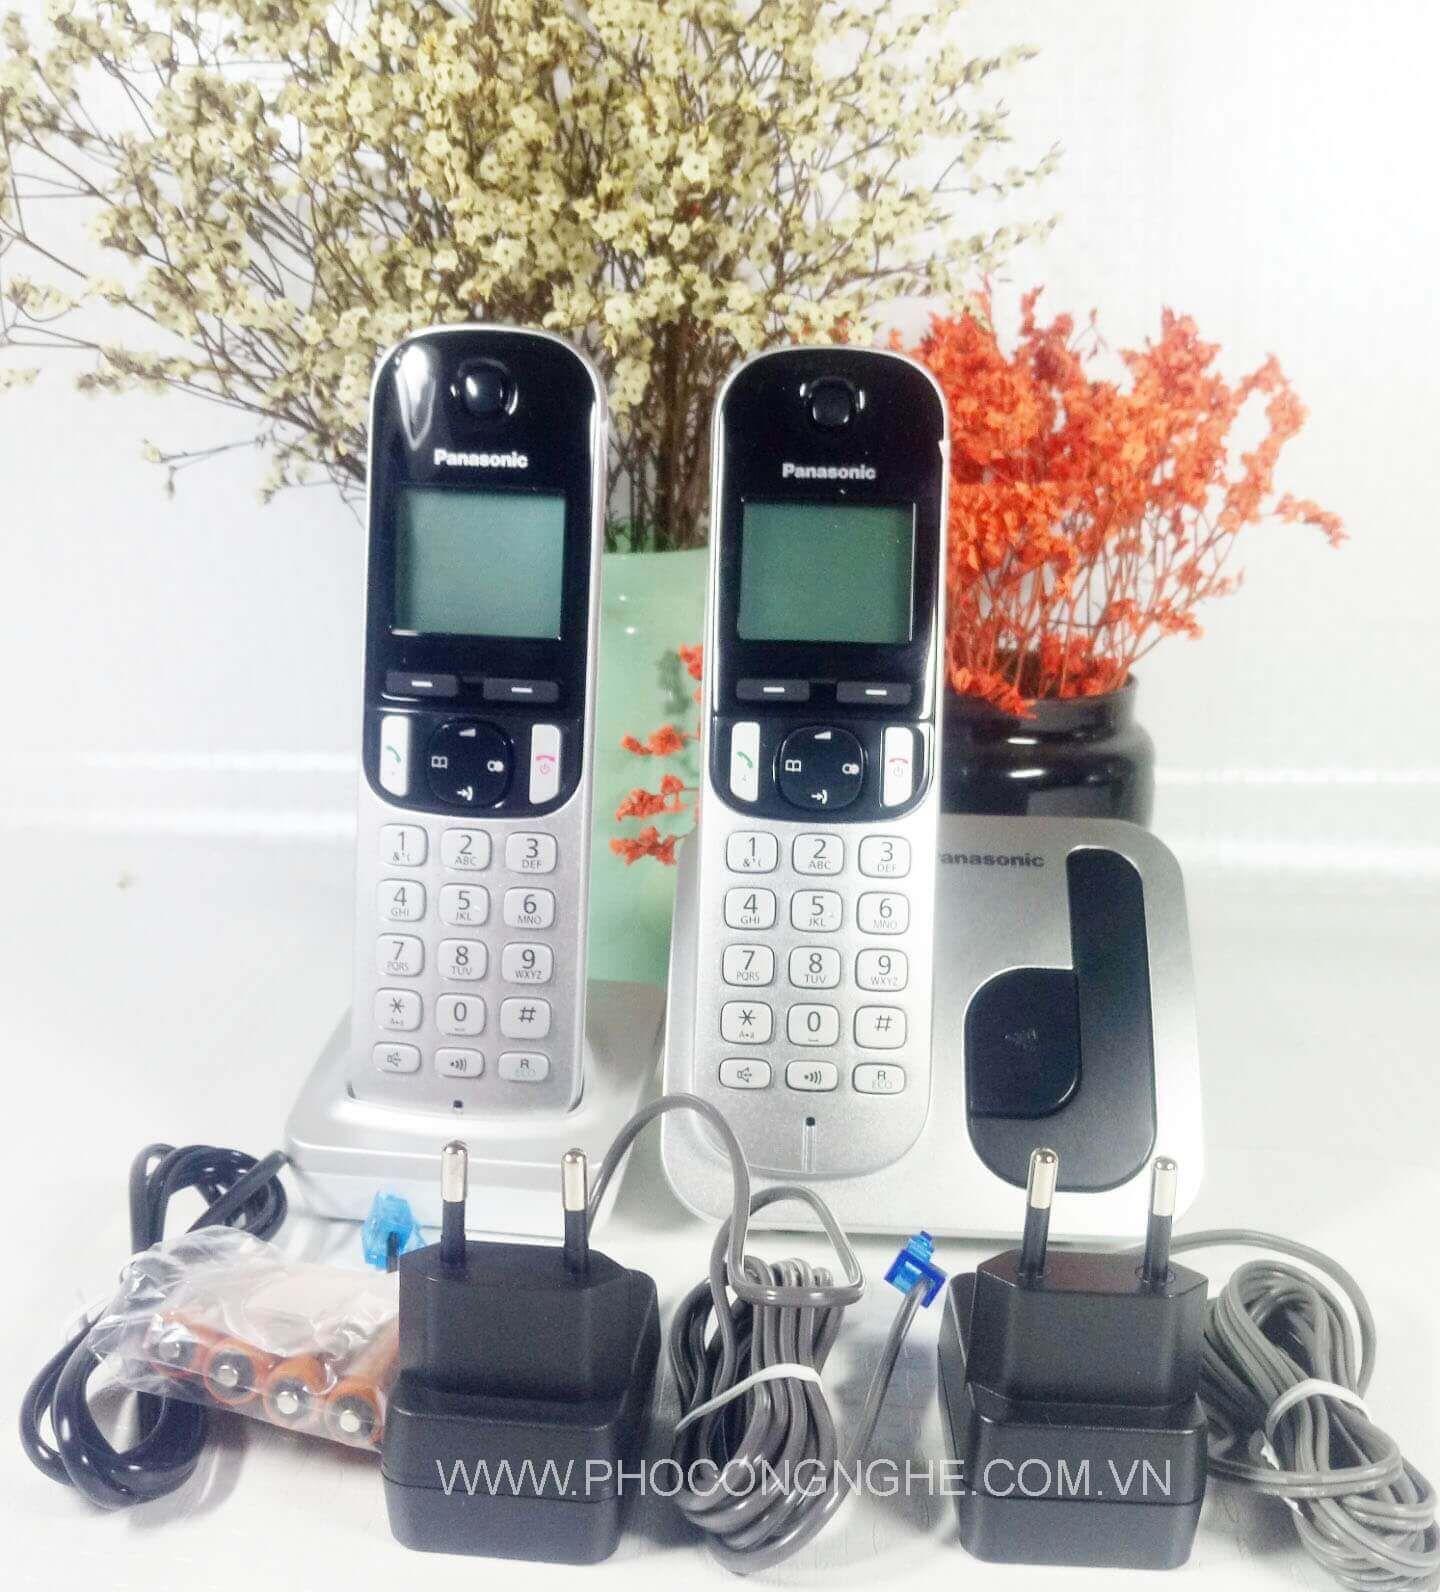 Bộ điện thoại Panasonic KX-TGC212 tay cầm không dây